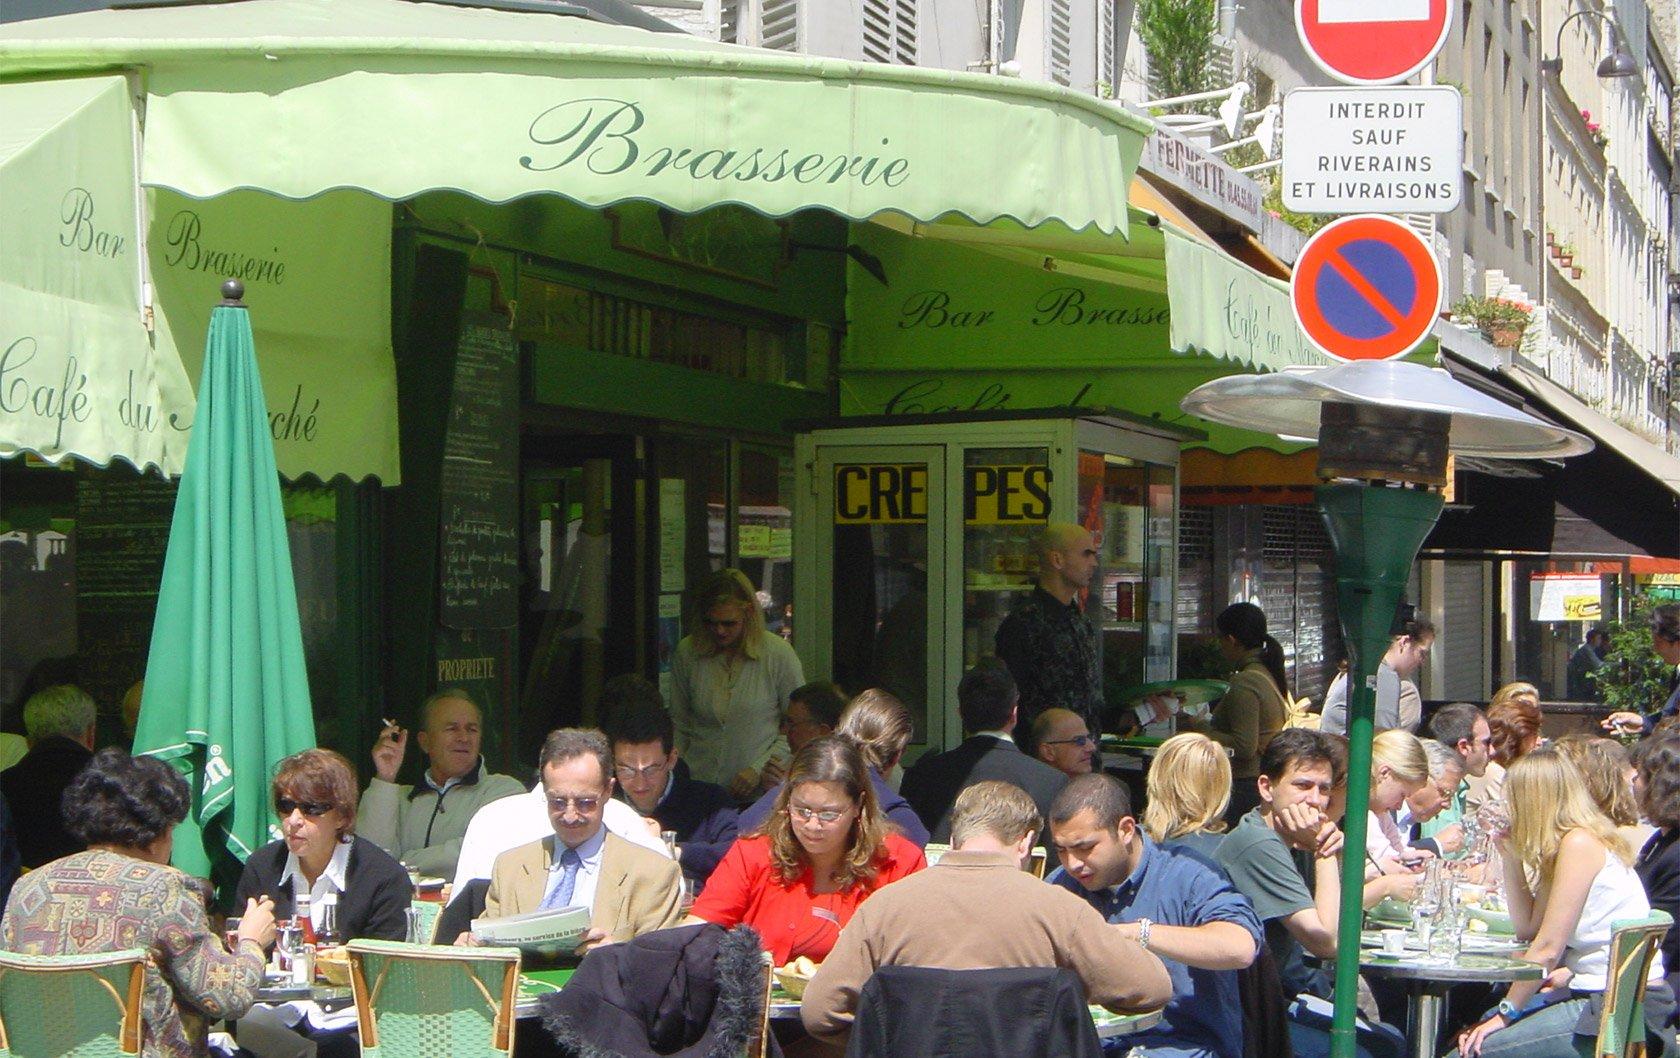 cafe-du-marche-rue-cler